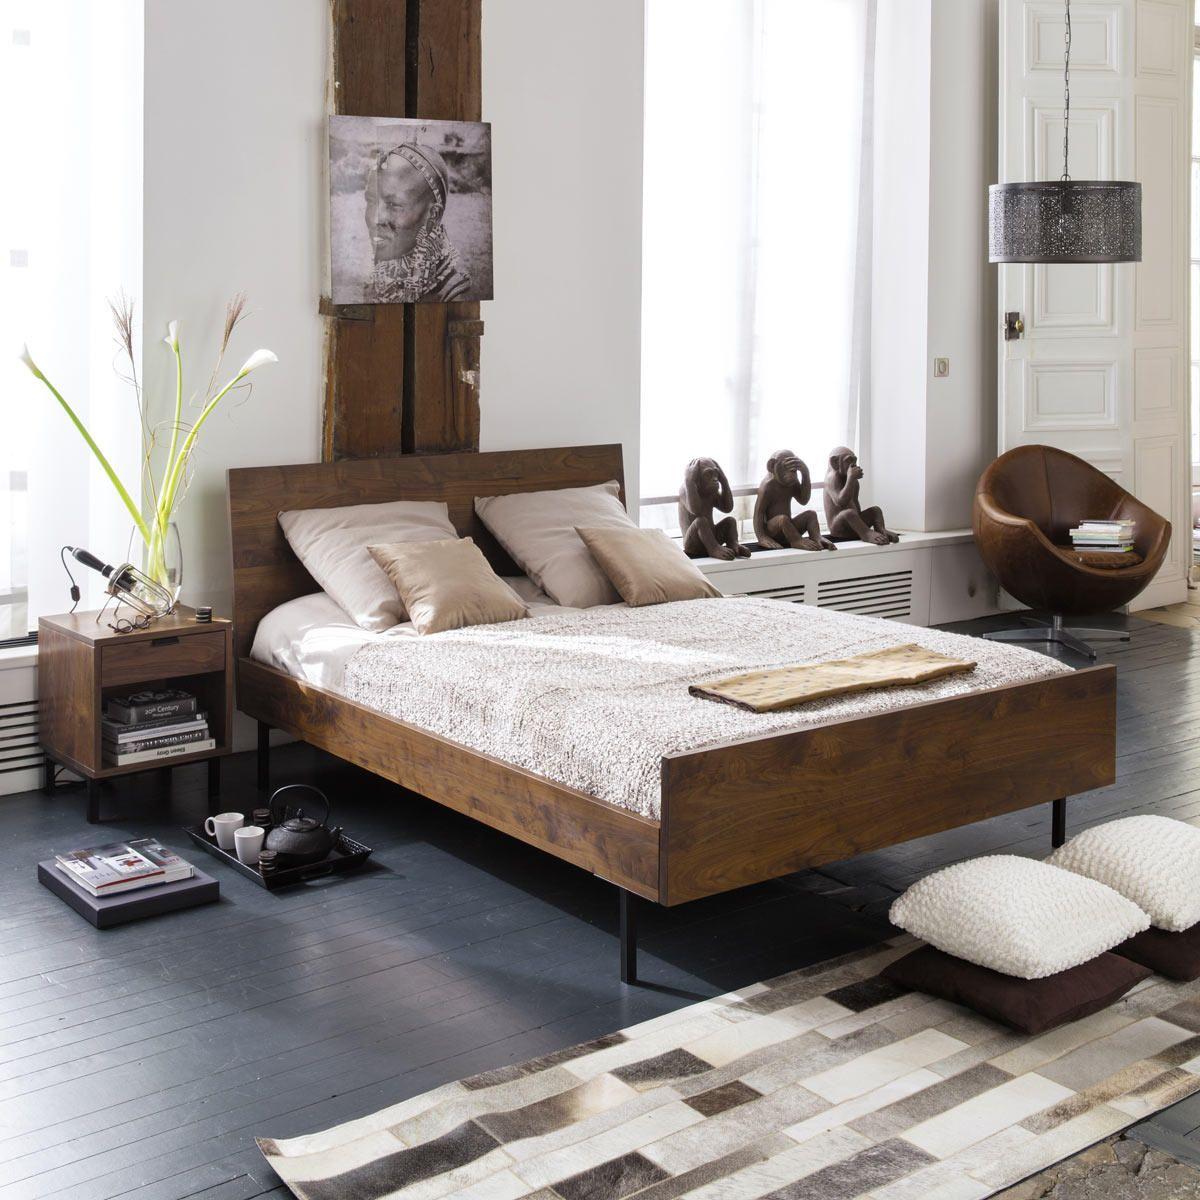 Holzbett design  Holzbett aus massivem Nussbaum, 140 x 190 cm Berkley | Maisons du ...